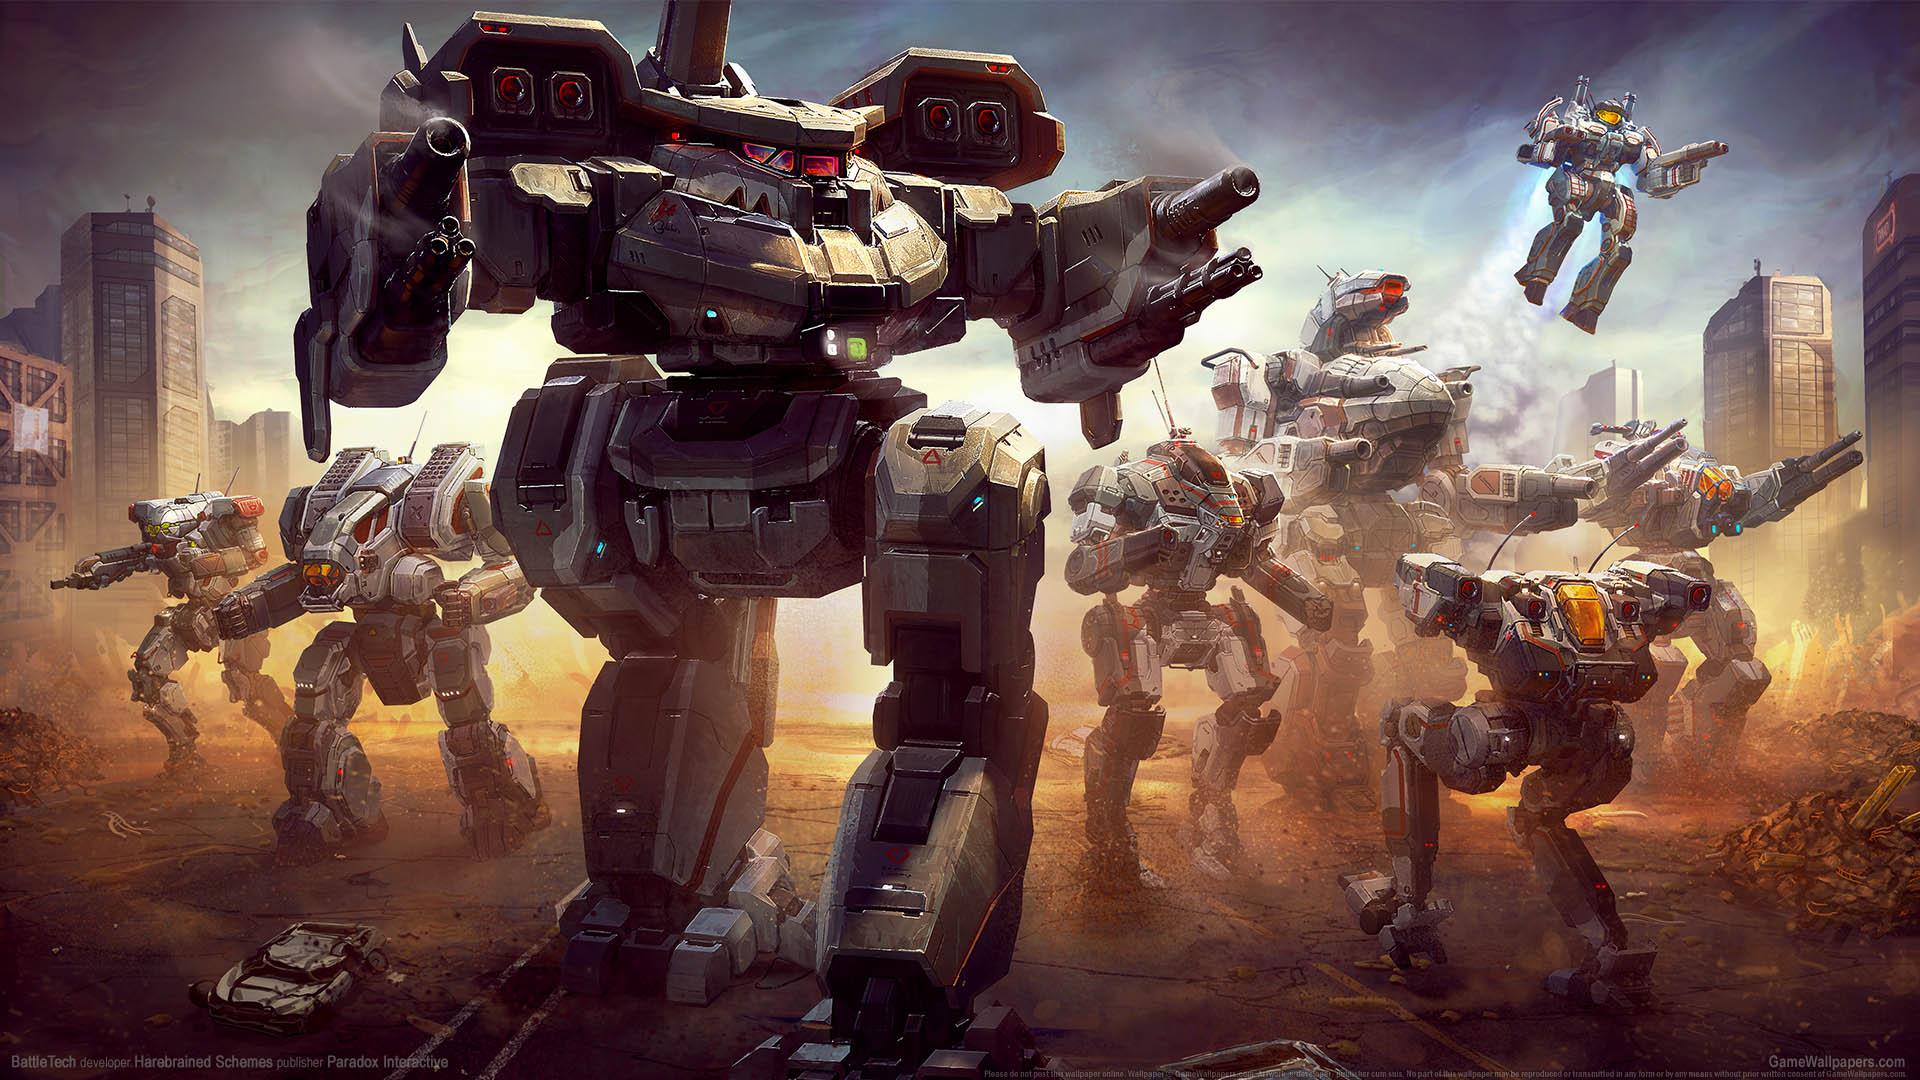 BattleTech fondo de escritorio 05 1920x1080